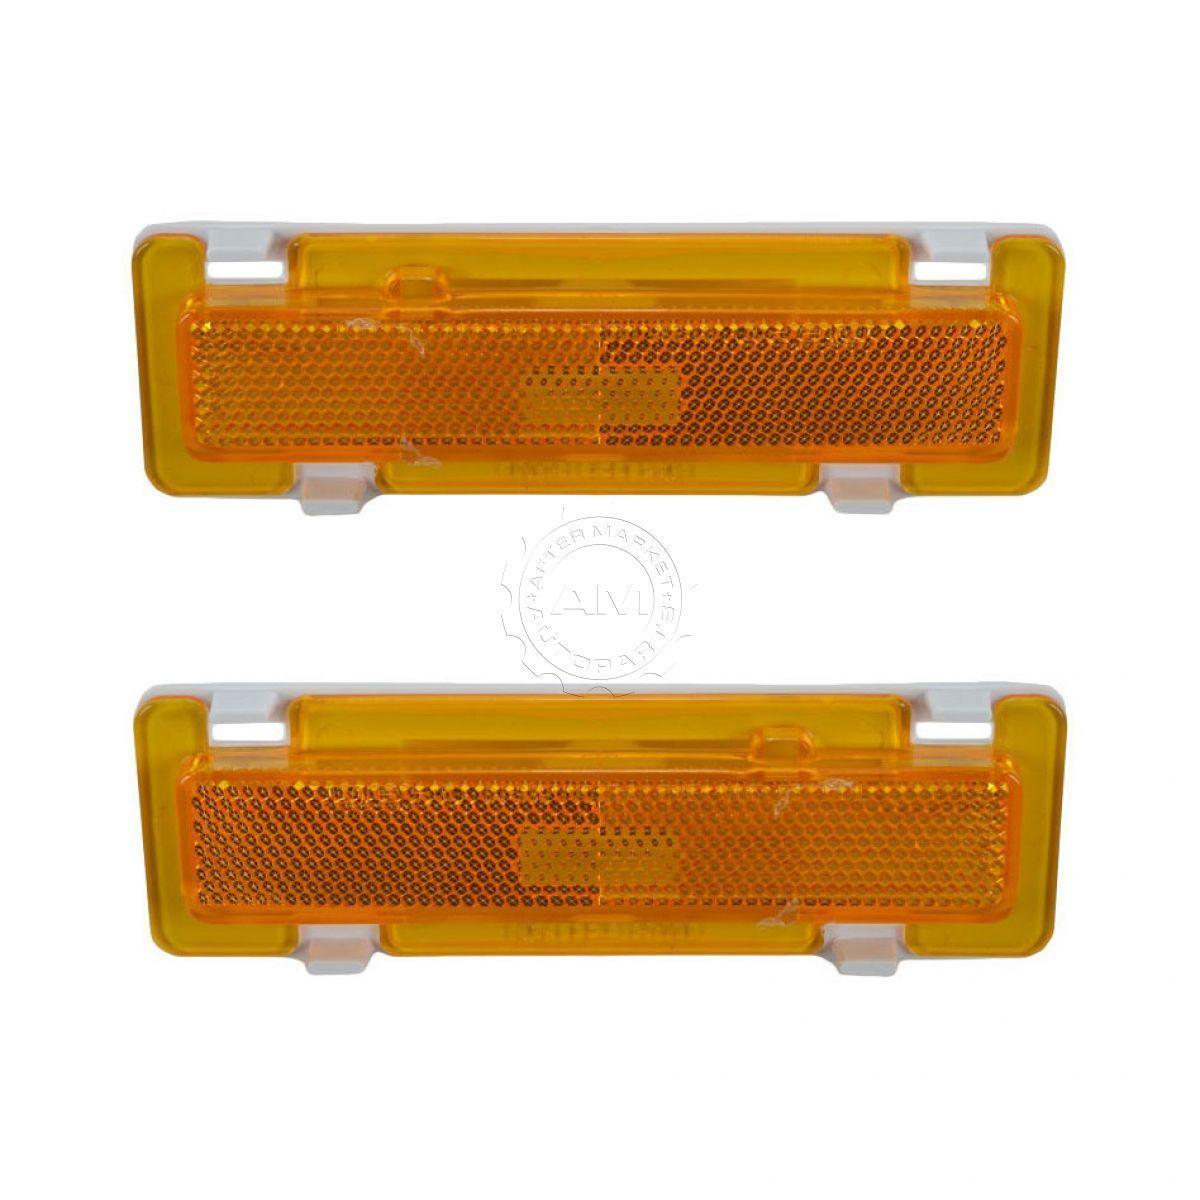 コーナーライト Side Marker Signal Corner Parking Light Pair Set for Camaro Firebird Trans Am サイドマーカー信号コーナーパーキングカマロファイヤーバードトランスアム用ライトペアセット